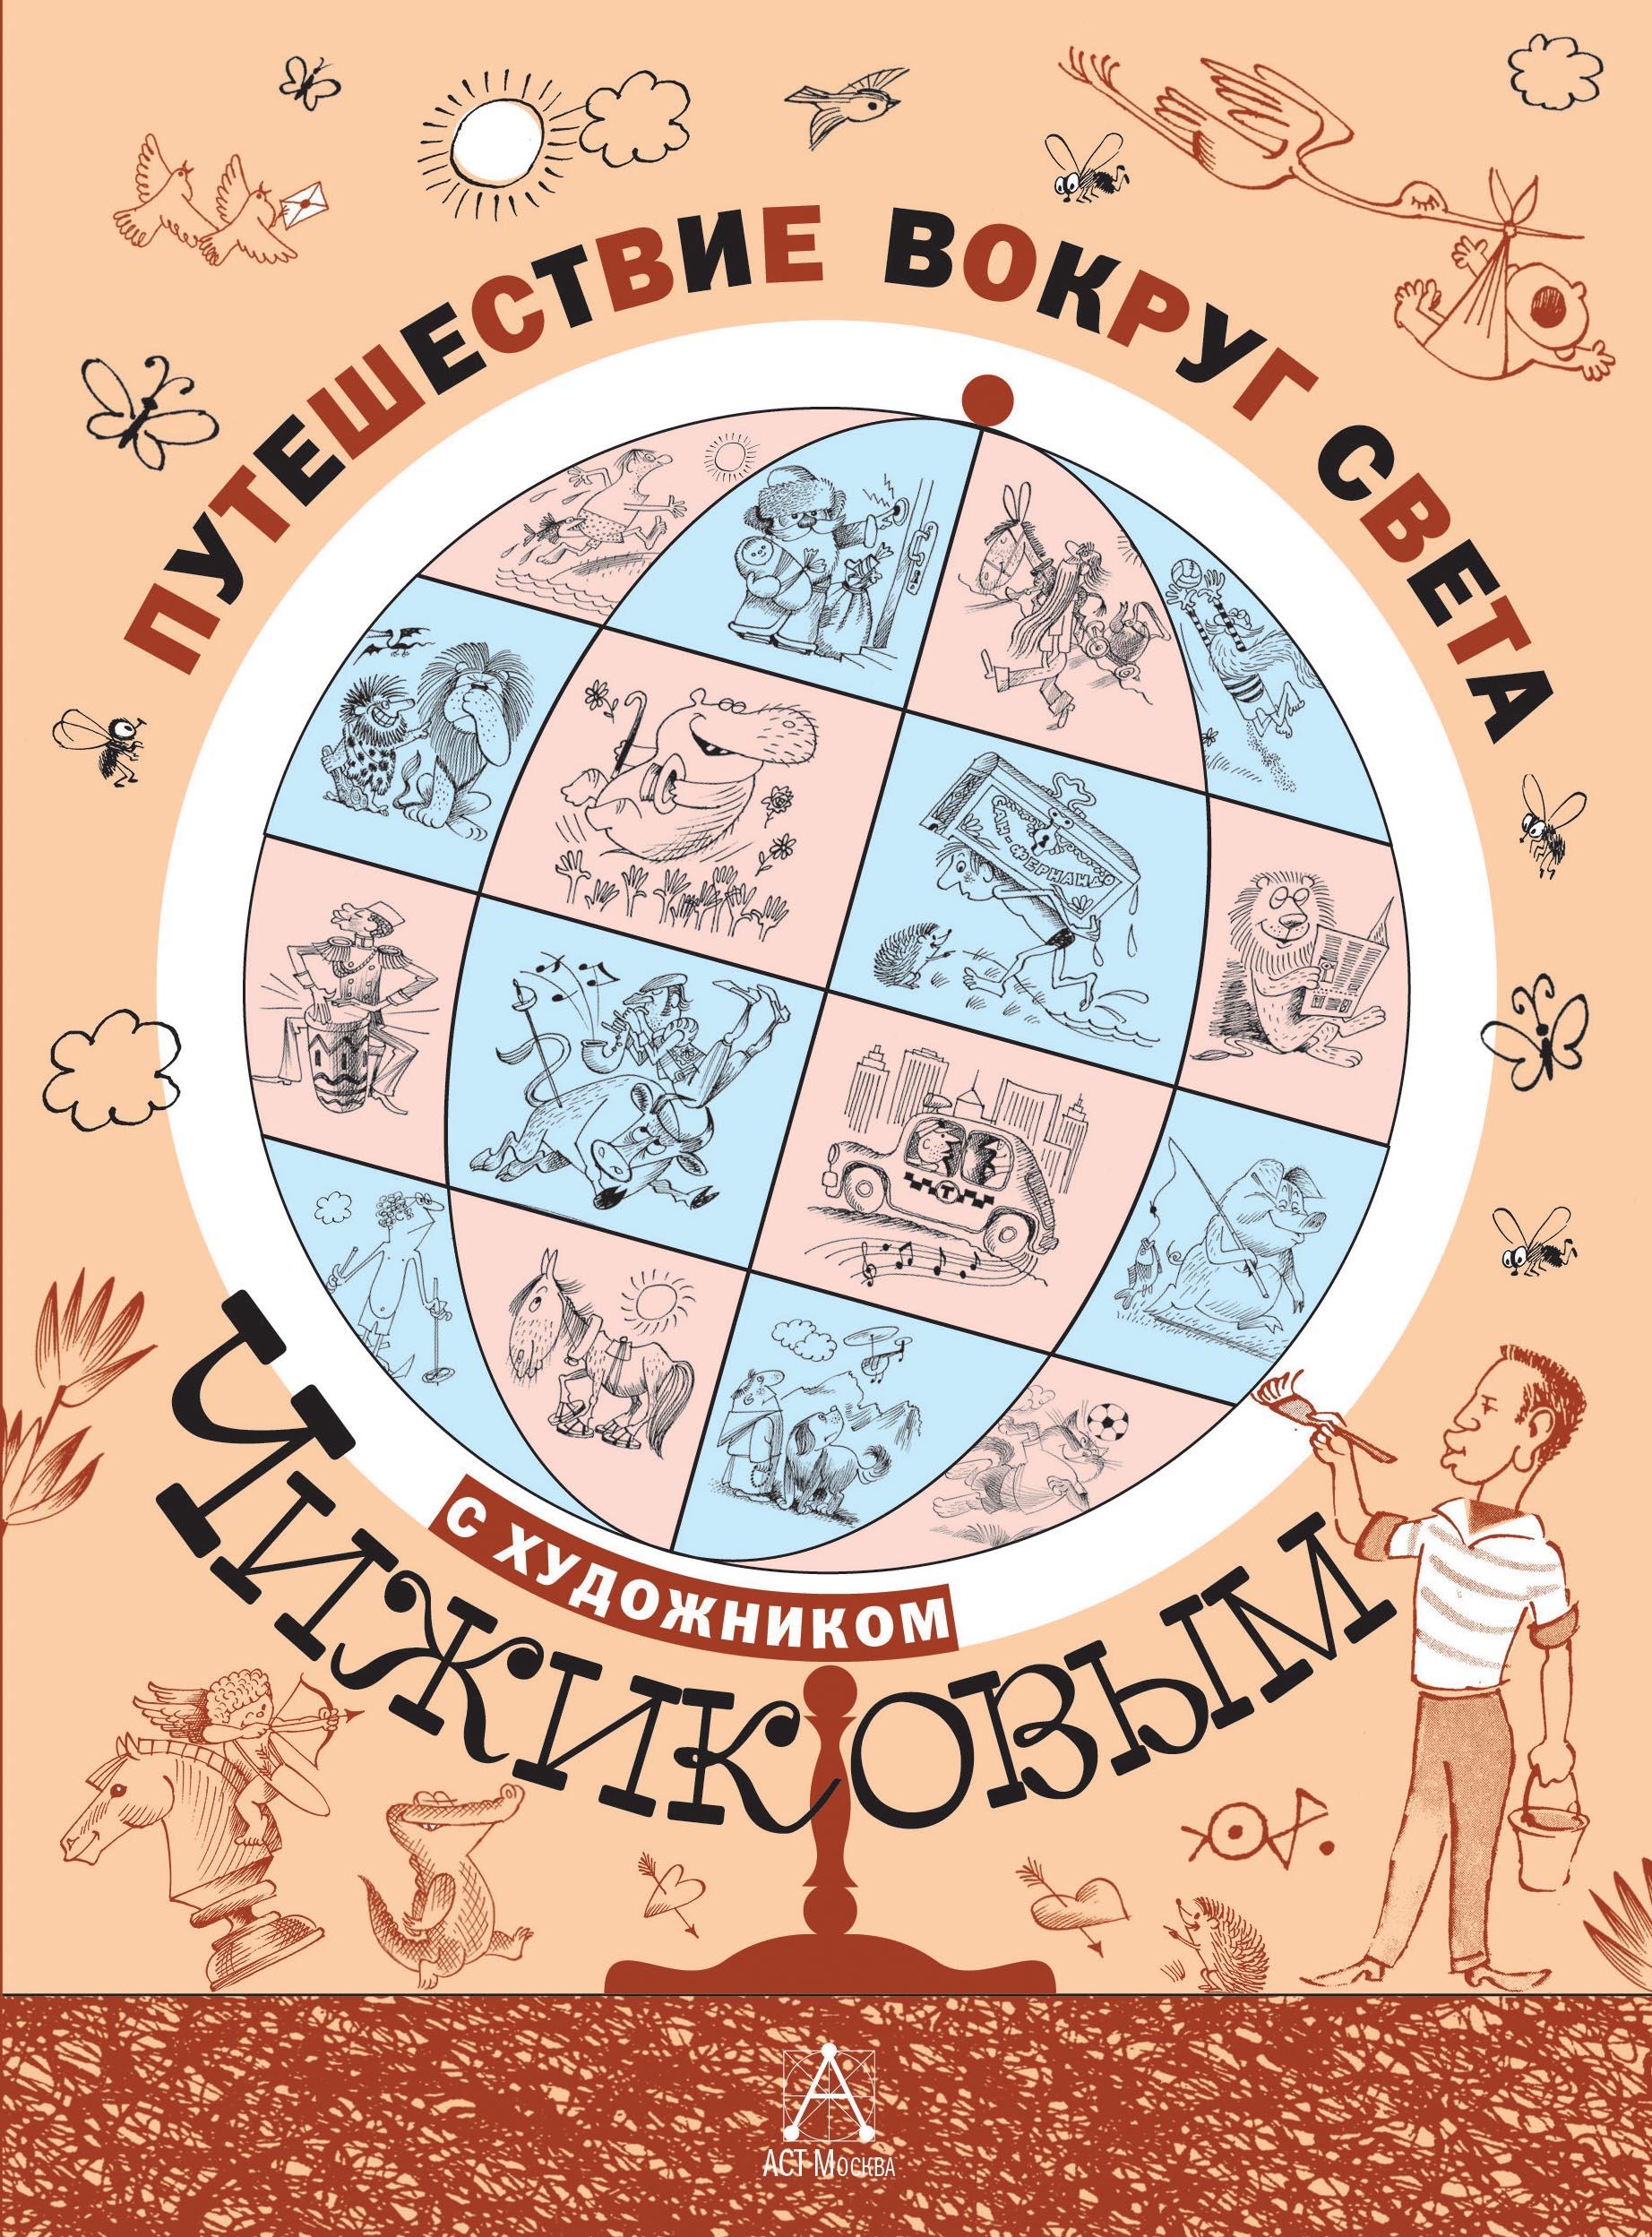 Усачев А., Яснов М., Дядина Г., Першин М. Путешествие вокруг света с художником Чижиковым